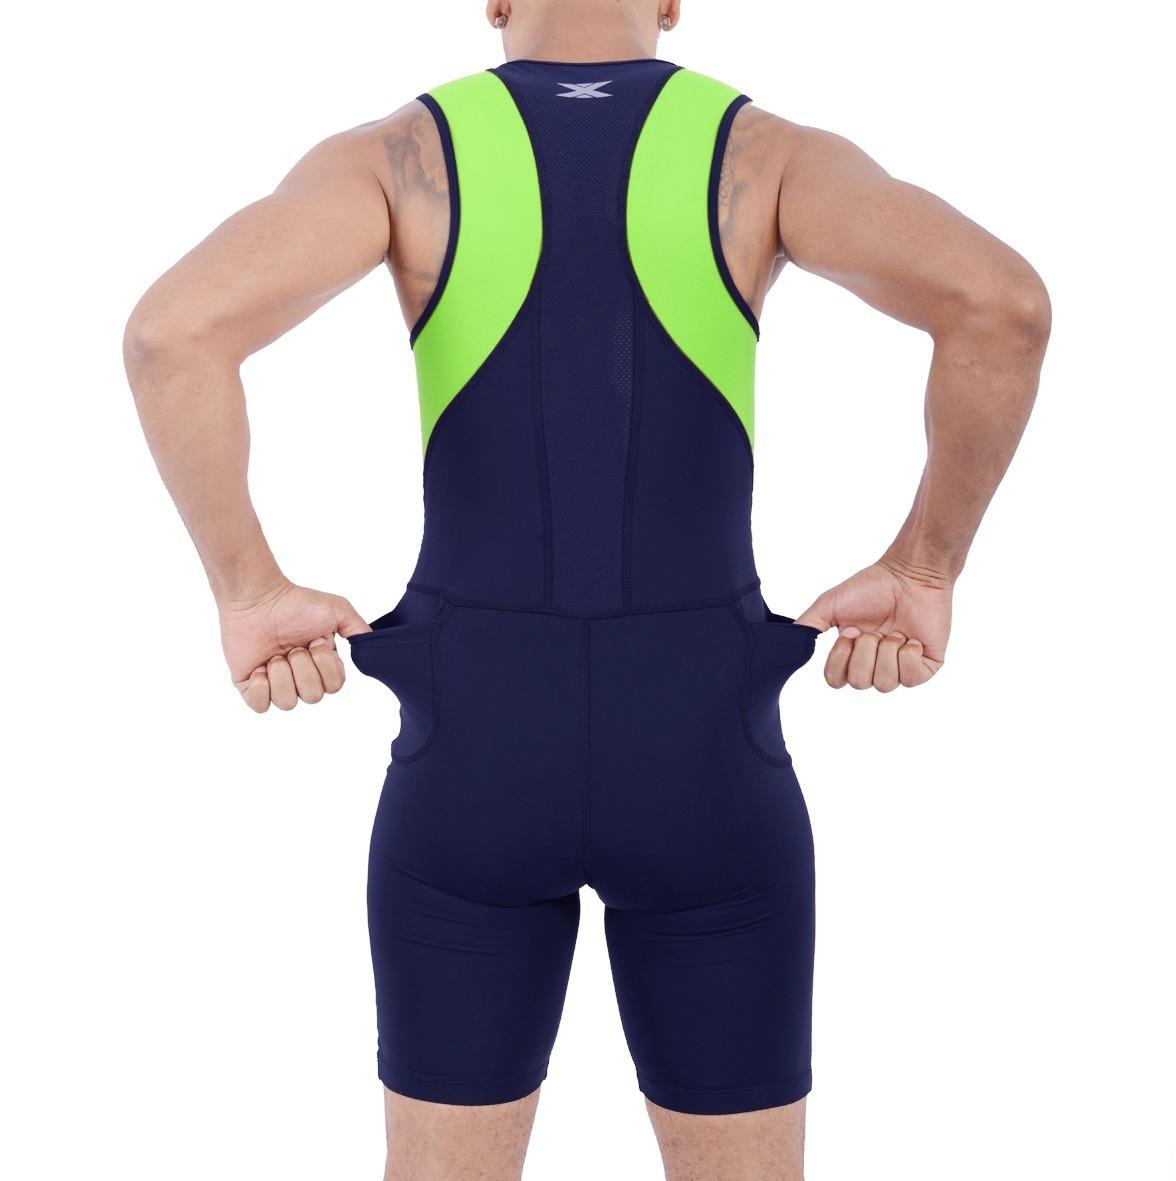 macaquinho triathlon masculino de alta compressão dx3 x powe. Carregando  zoom. 21e2287a3591b